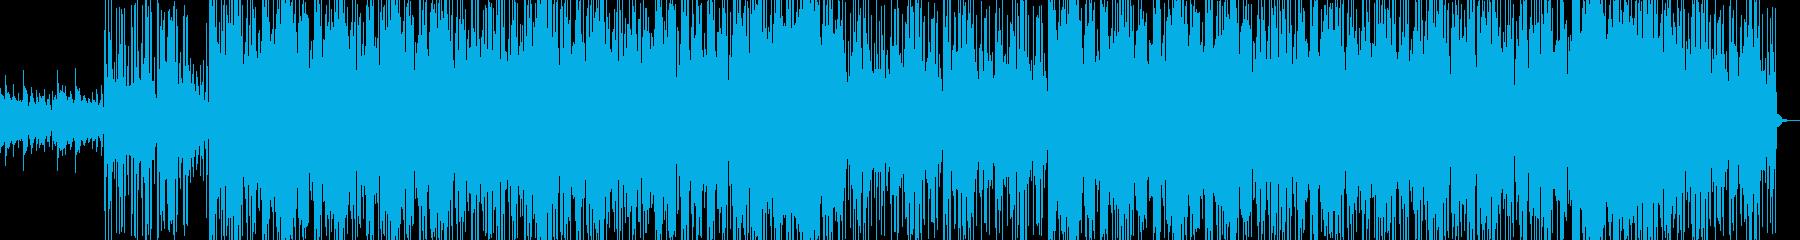 中東風ヒップホップトラックの再生済みの波形